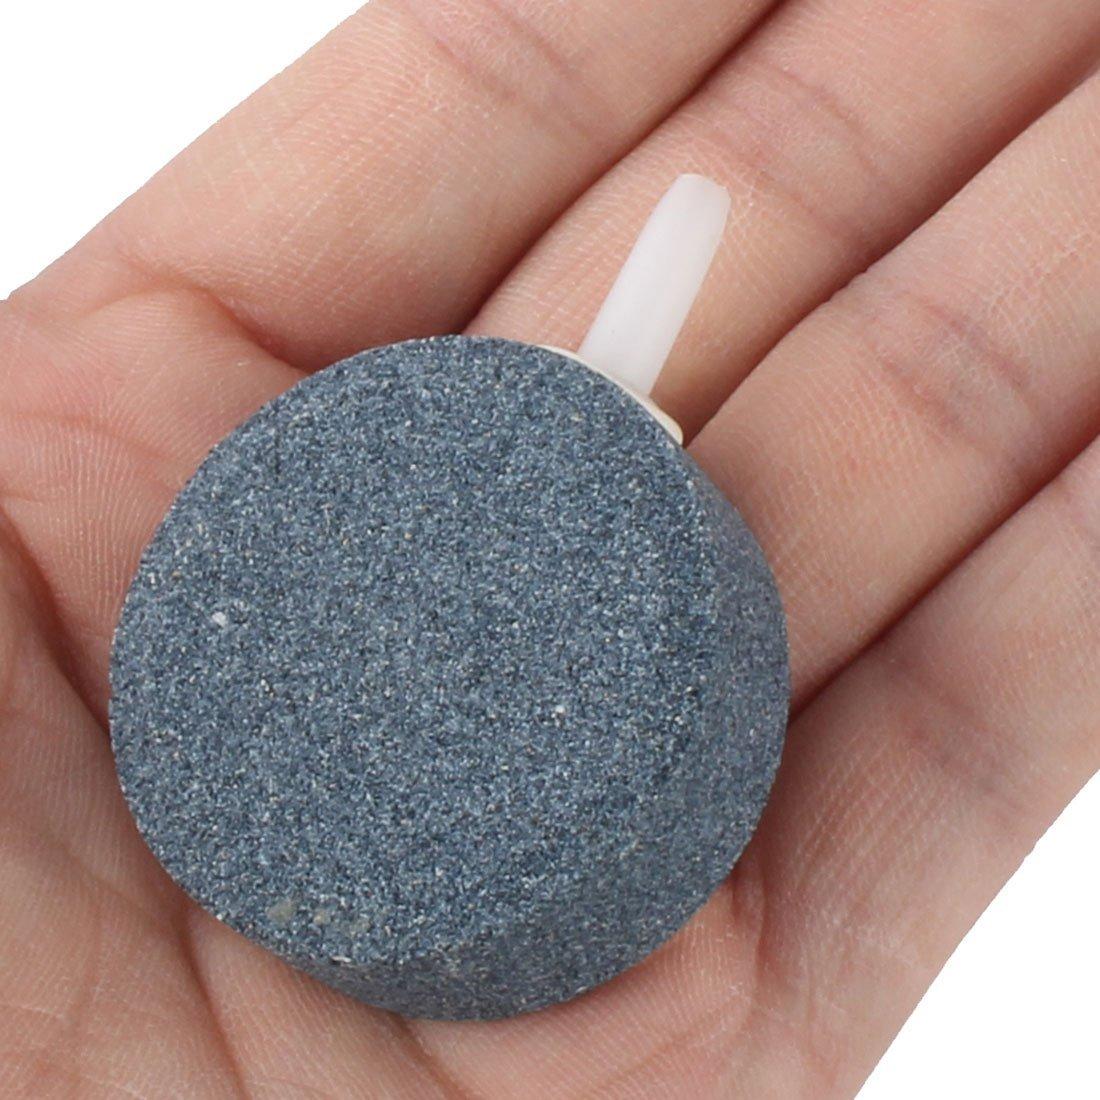 Amazon.com : eDealMax Mineral acuario pecera Difusor de oxígeno de ...